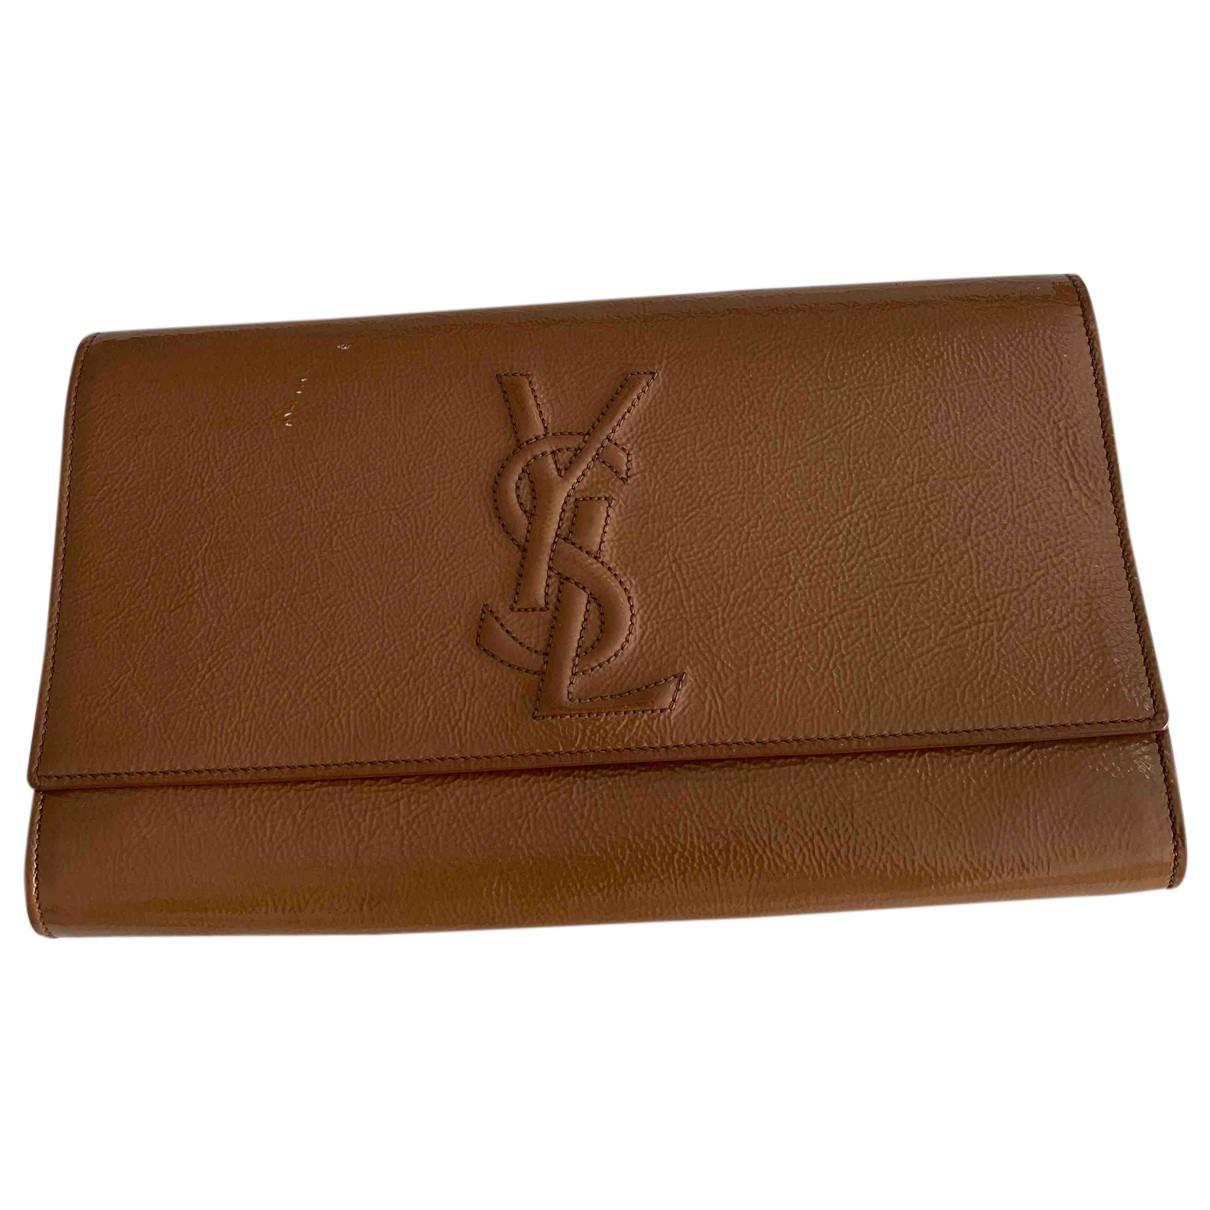 Yves Saint Laurent Belle de Jour Brown Patent leather Clutch bag for Women N